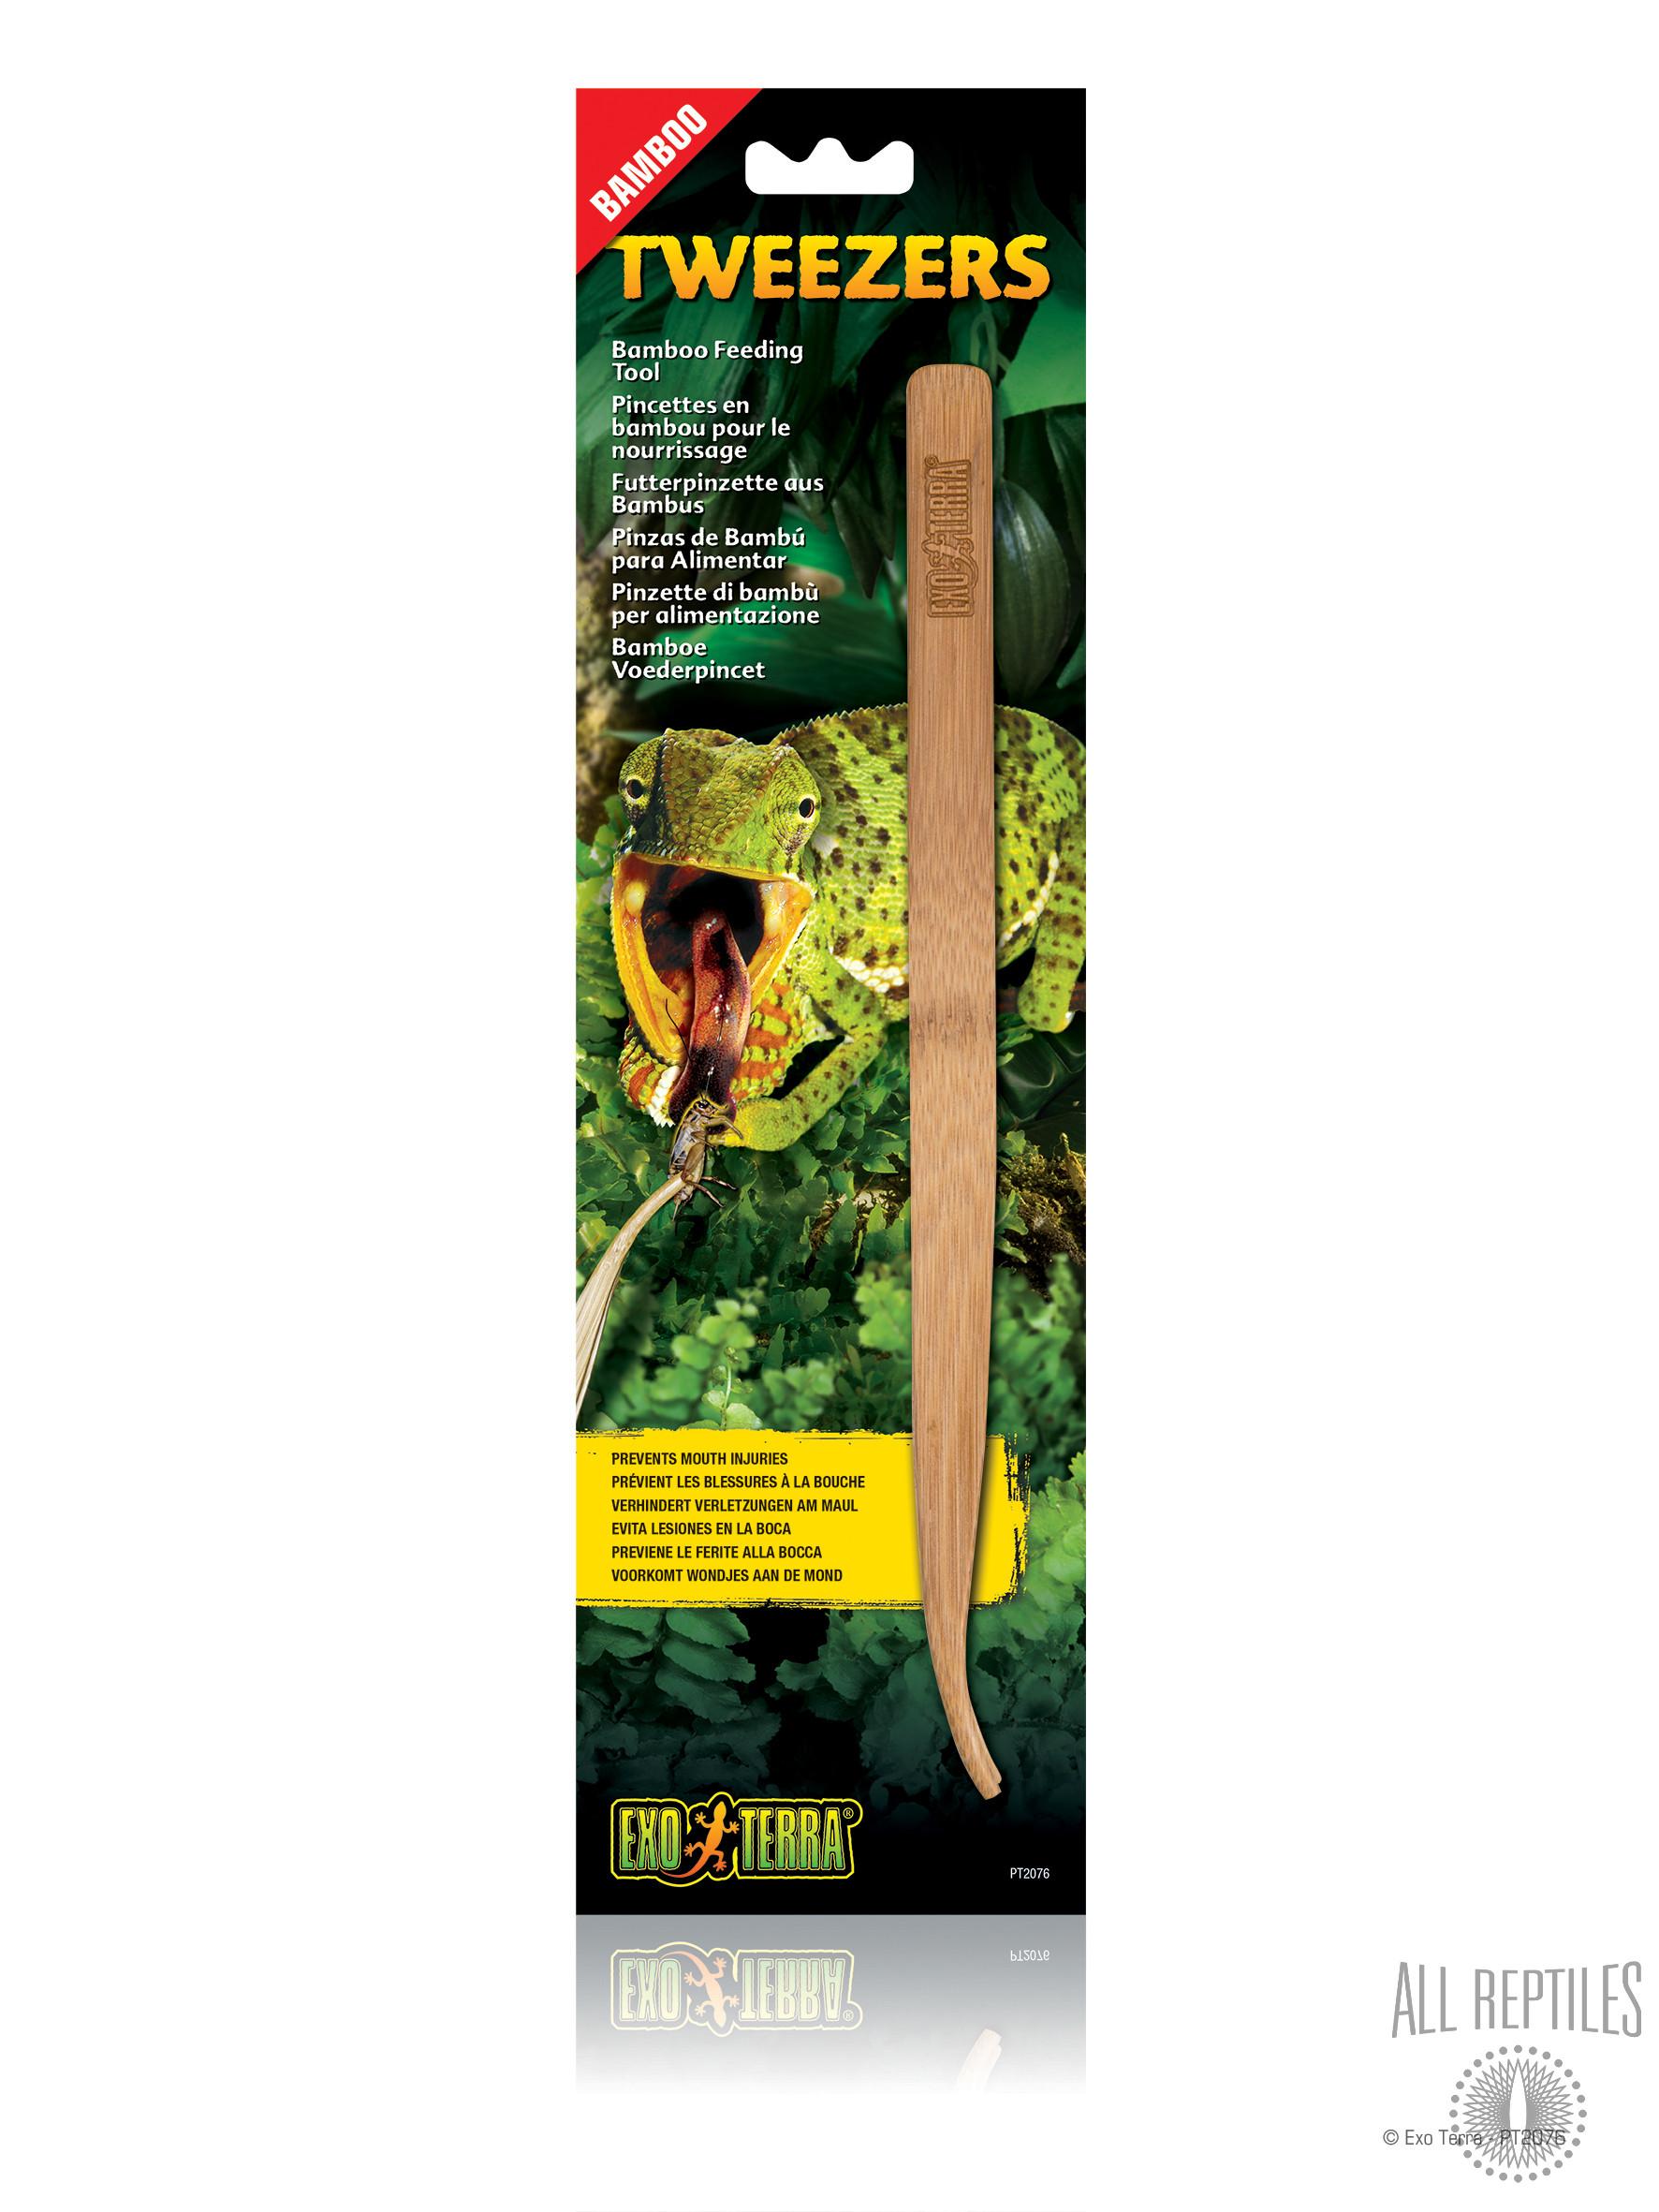 Exo Terra Bamboo Tweezers